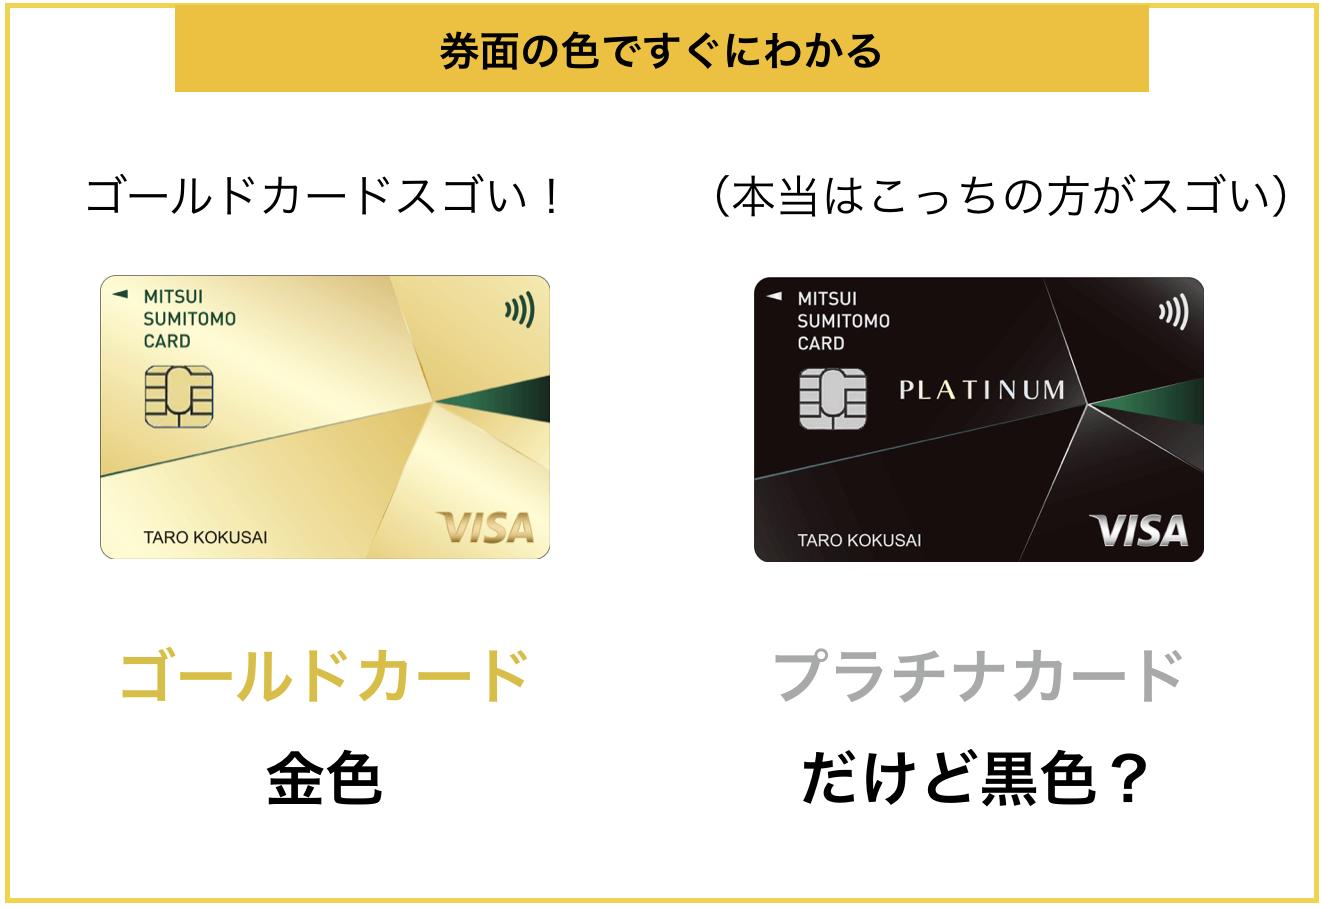 ゴールドカードは券面でステータスがわかりやすい(2020年2月新券面)